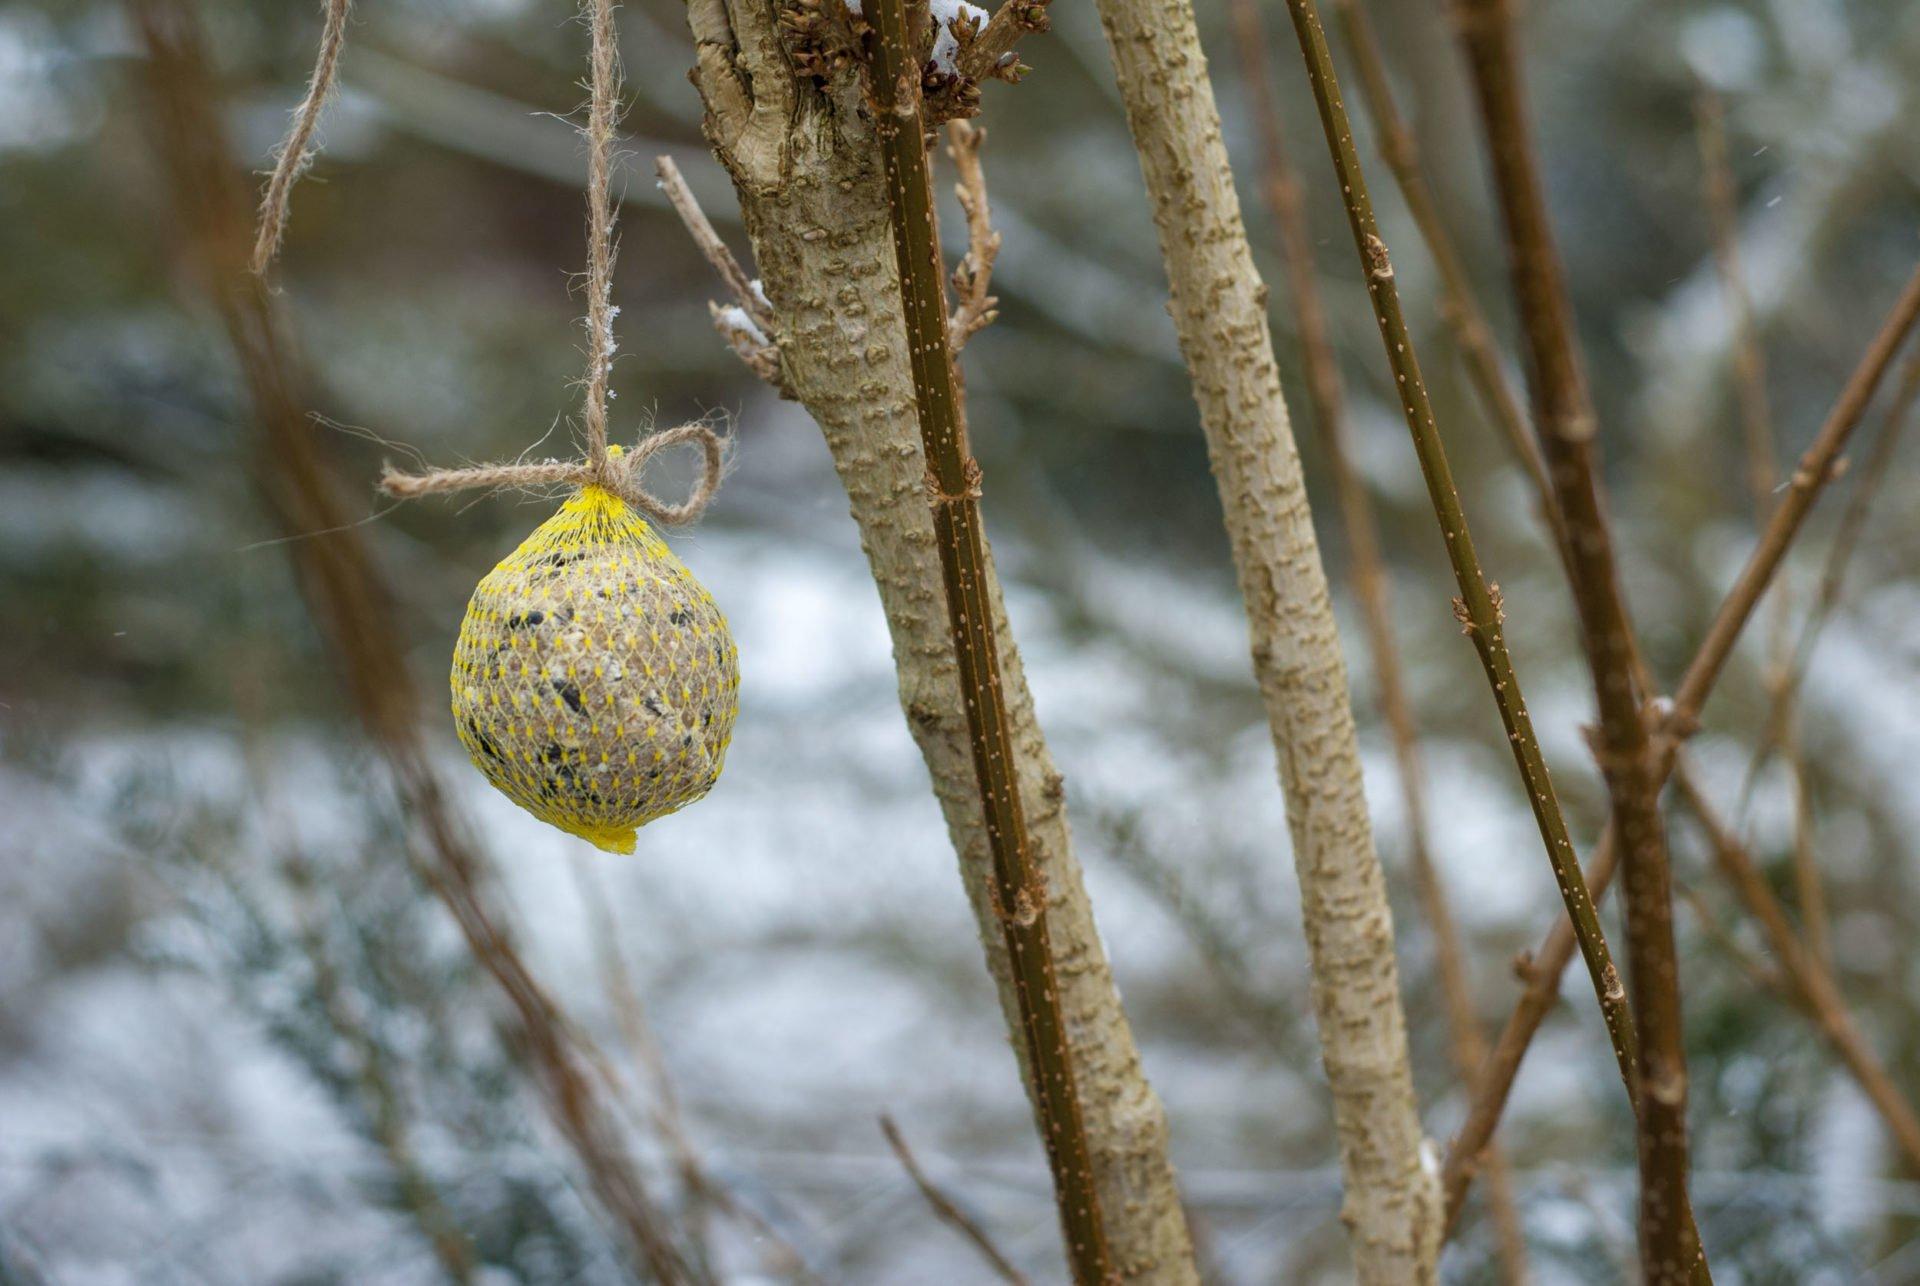 Vögel füttern: Ein Meisenknödel hängt in einer Forsythie.